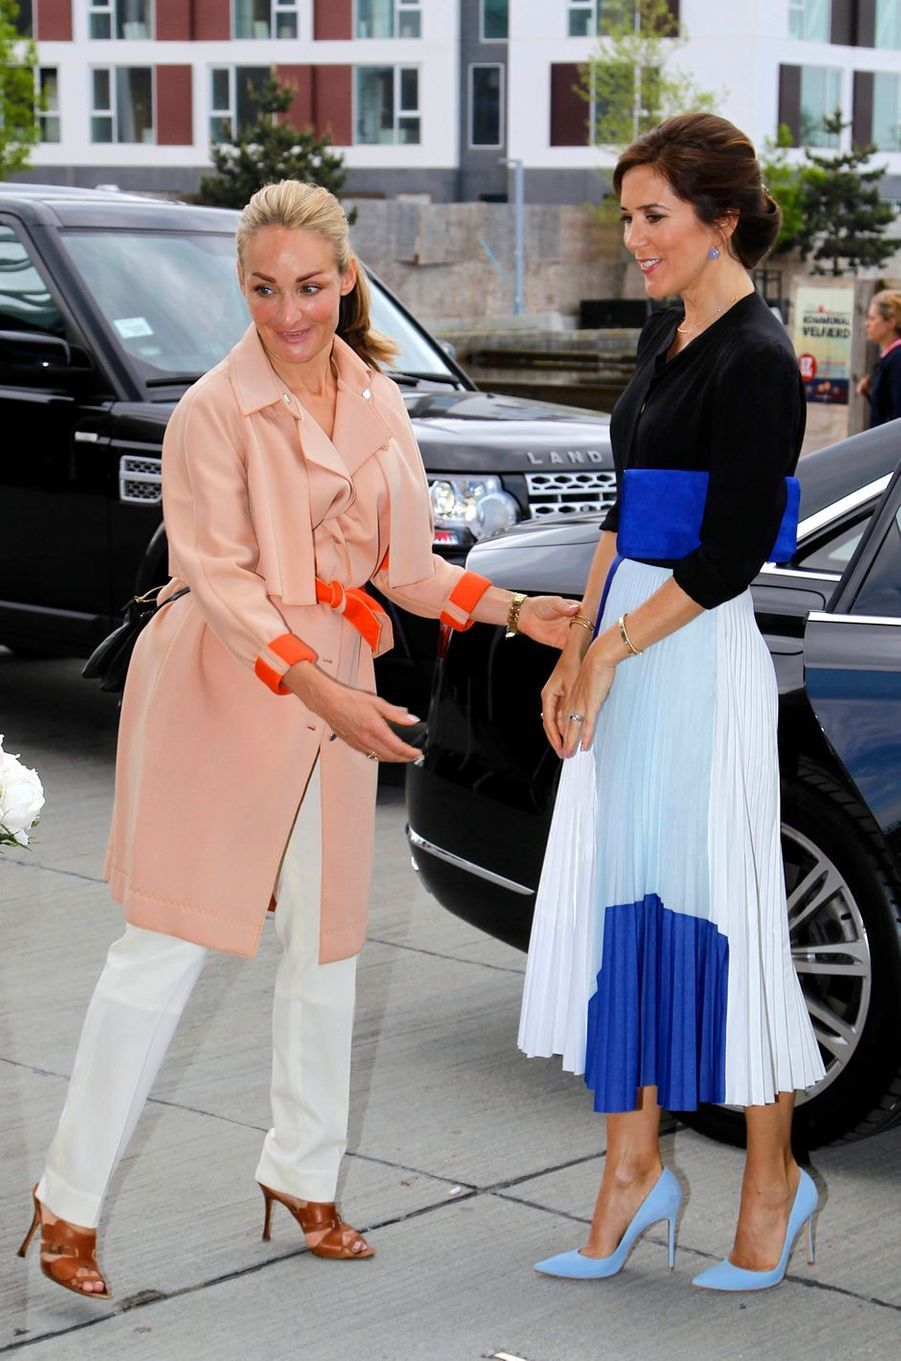 La princesse Mary de Danemark dans une jupe blanche et bleue à Copenhague, le 15 mai 2018